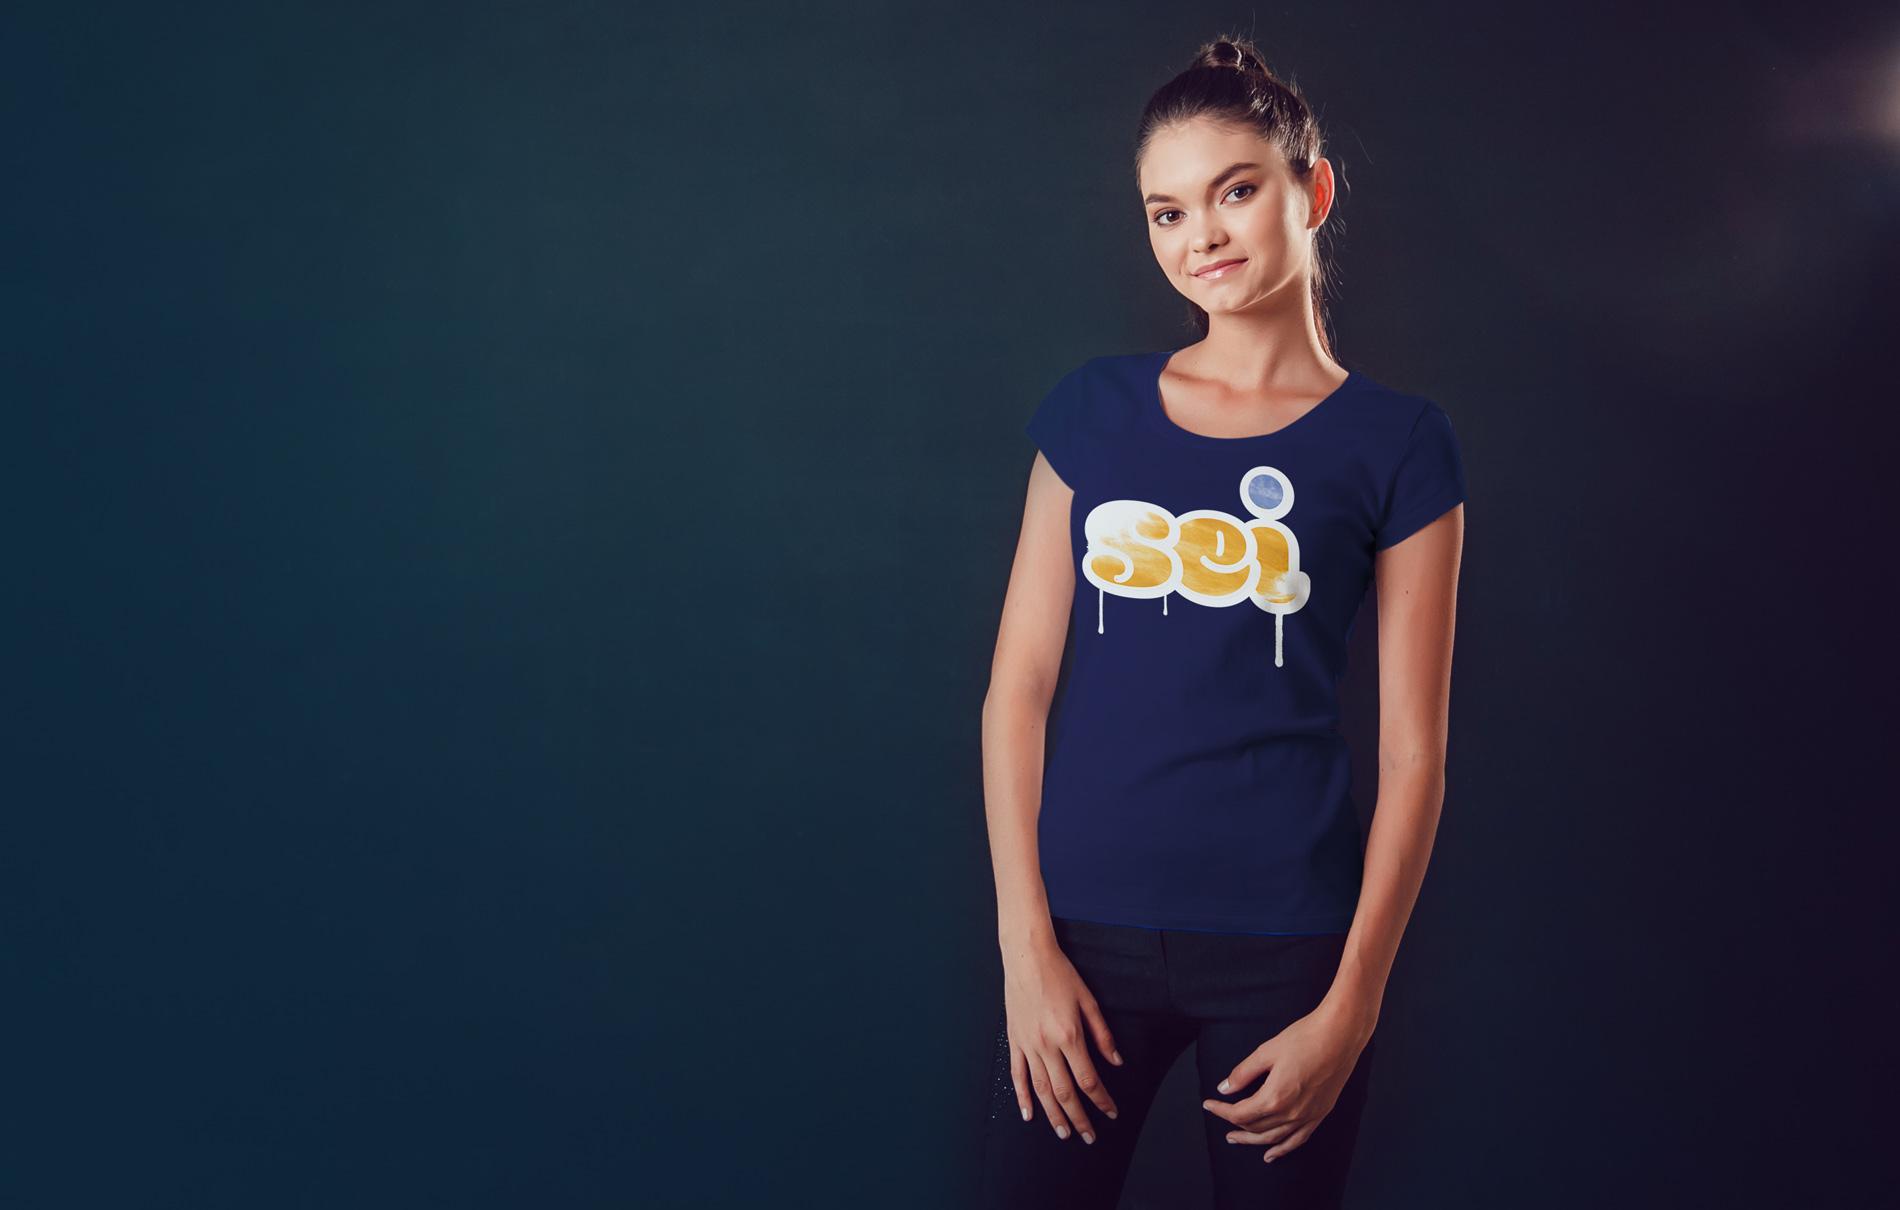 shirt design clothing model photo